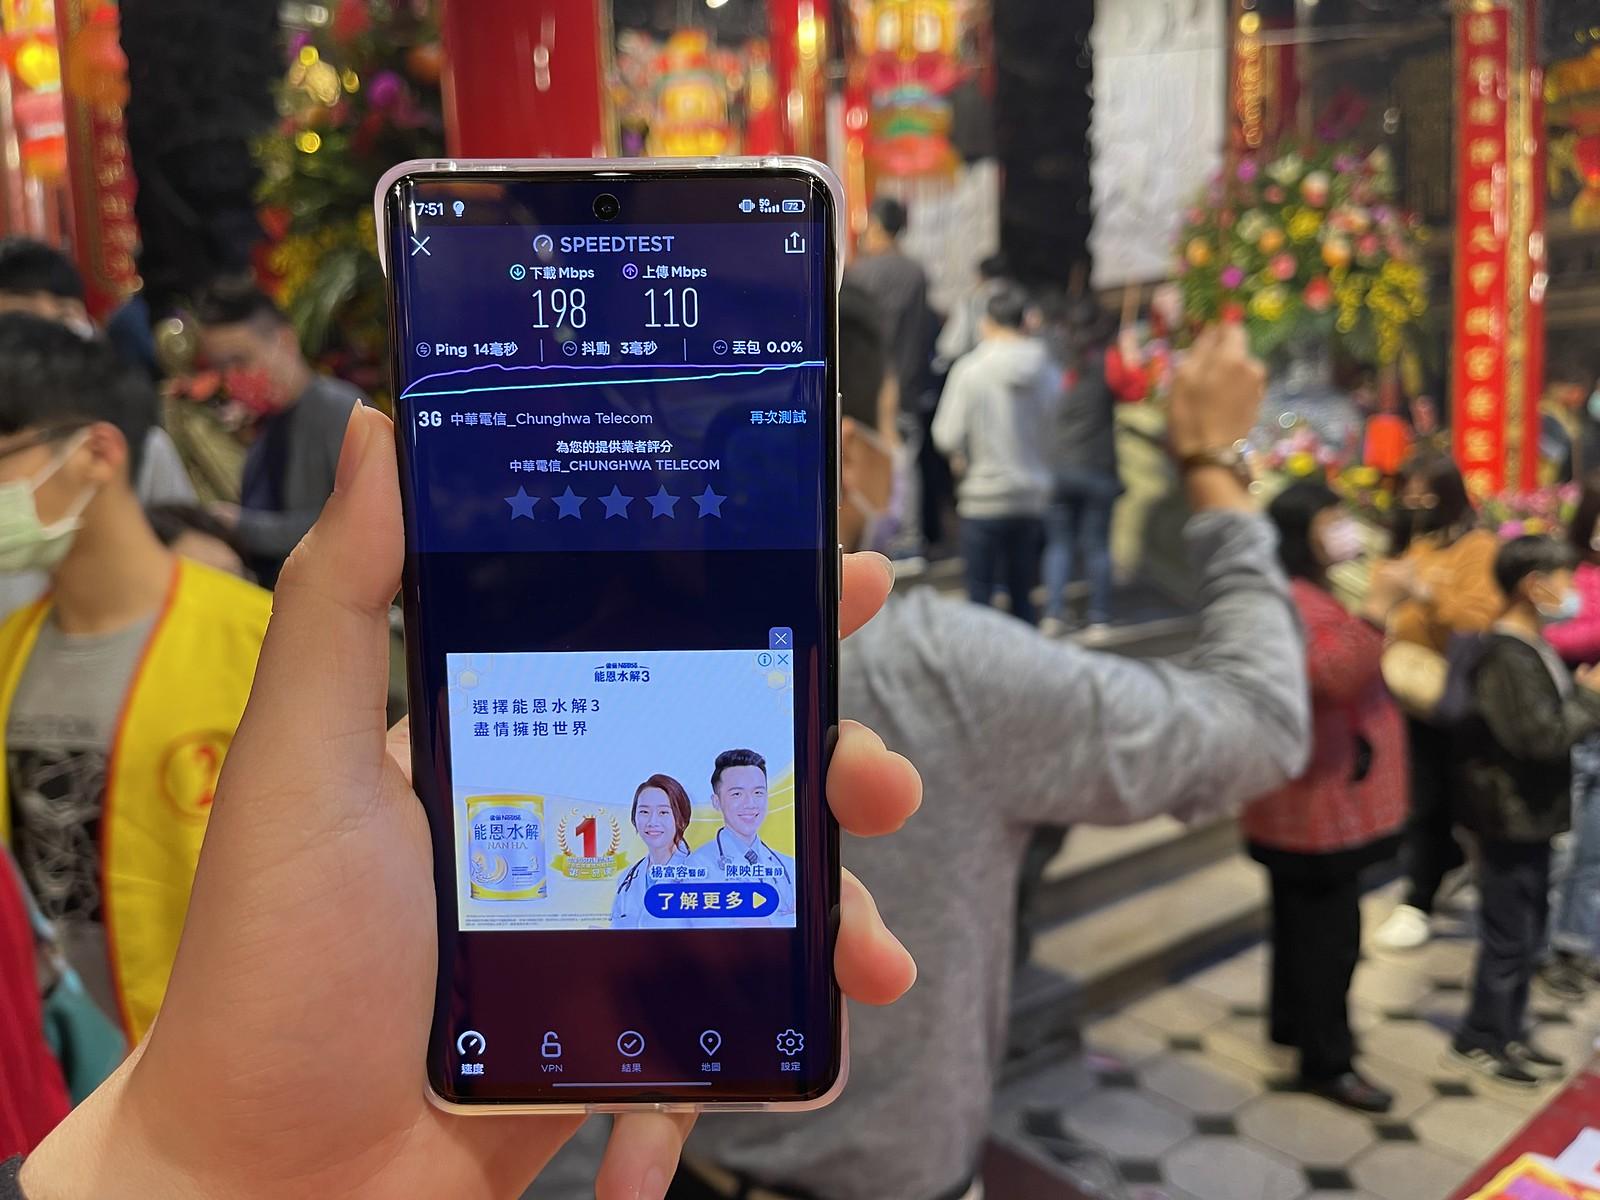 Vivo X60 Pro+ 拍照深度開箱實測 – 2021最推薦的拍照旗艦手機、仍是不完美的完美 - 79